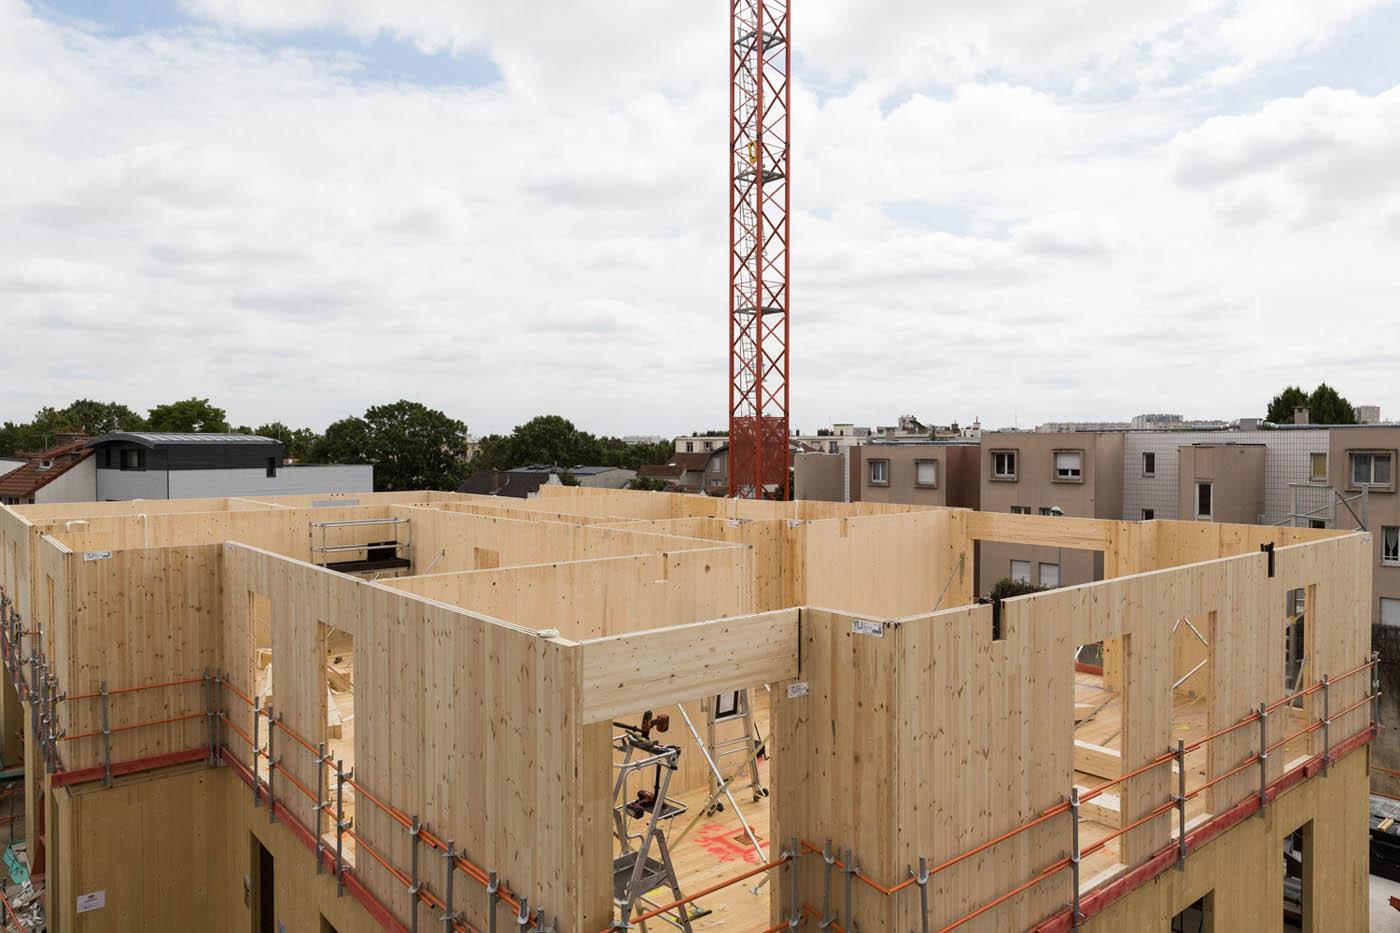 R sidence epicea 23 logements en bois massif clt dans les hauts de seine la maison bois - La maison bois massif ...